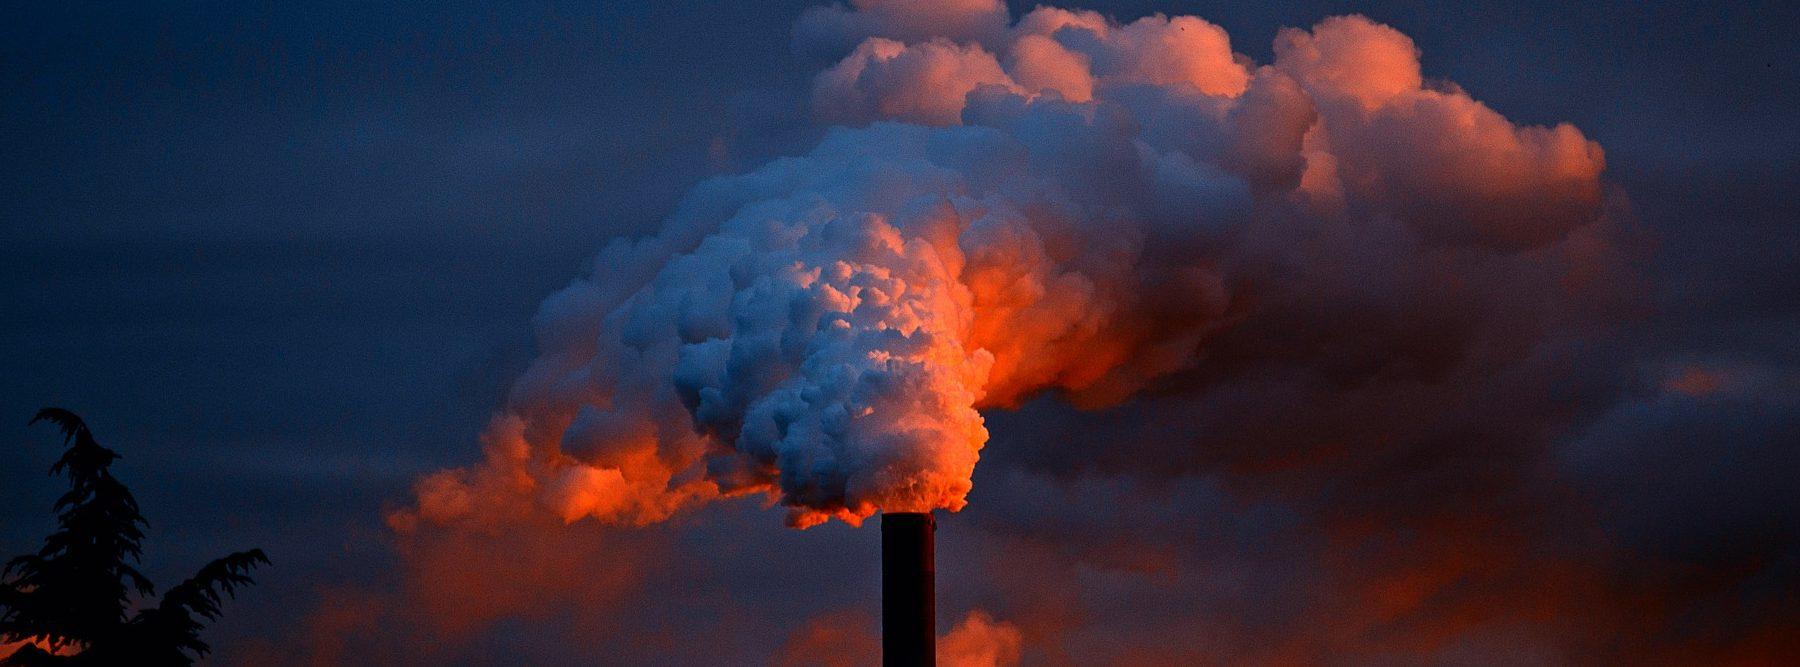 El hidrógeno como alternativa a los combustibles fósiles